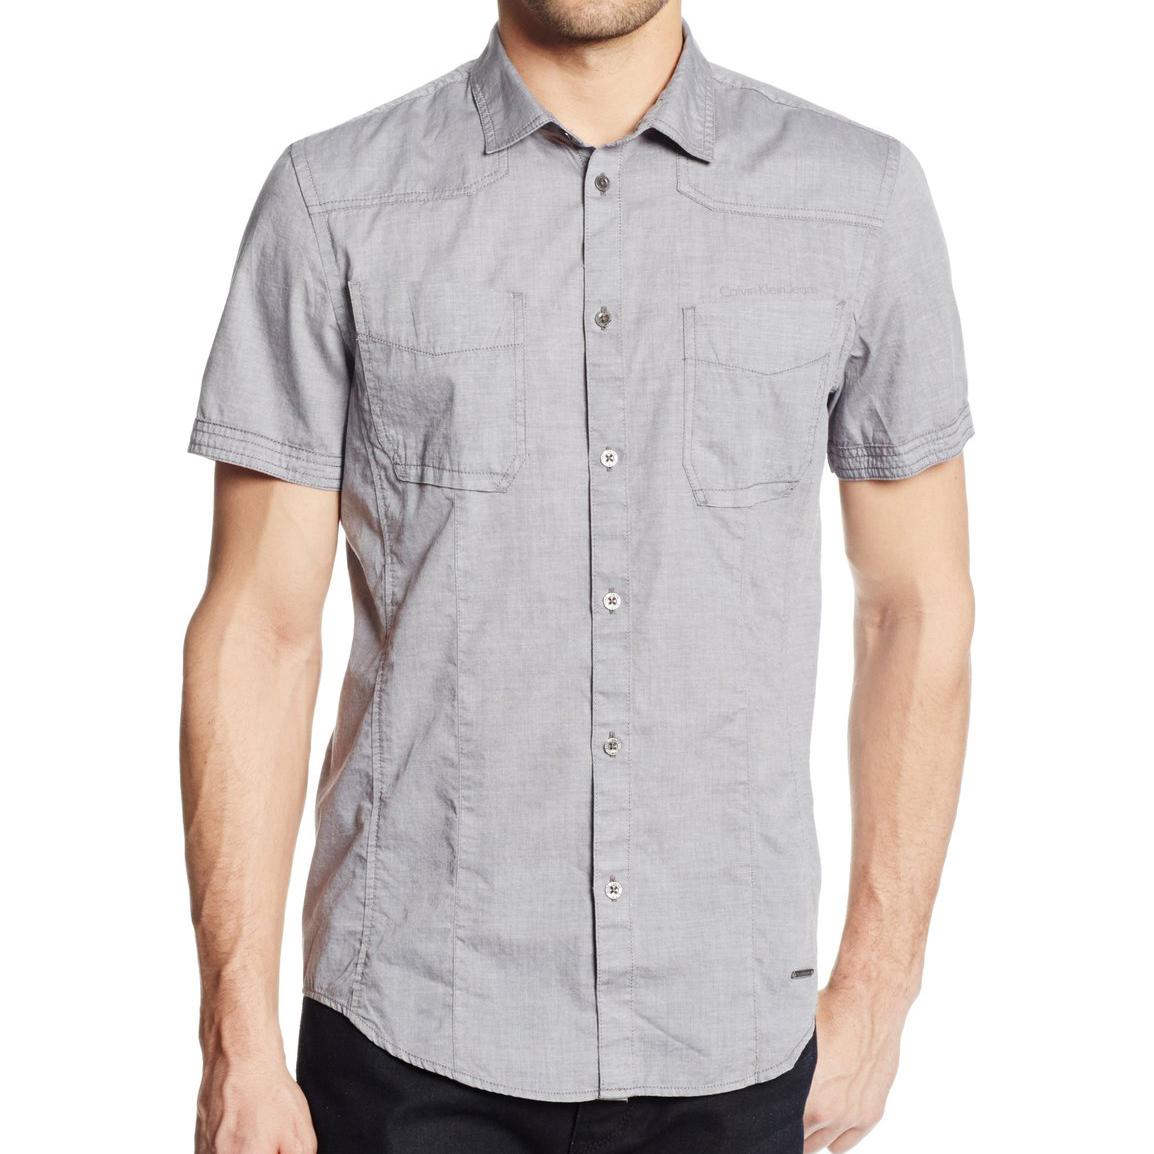 美國百分百【全新真品】Calvin Klein 襯衫 CK 男衣 短袖 素面 休閒 上衣 S號 灰色 E203